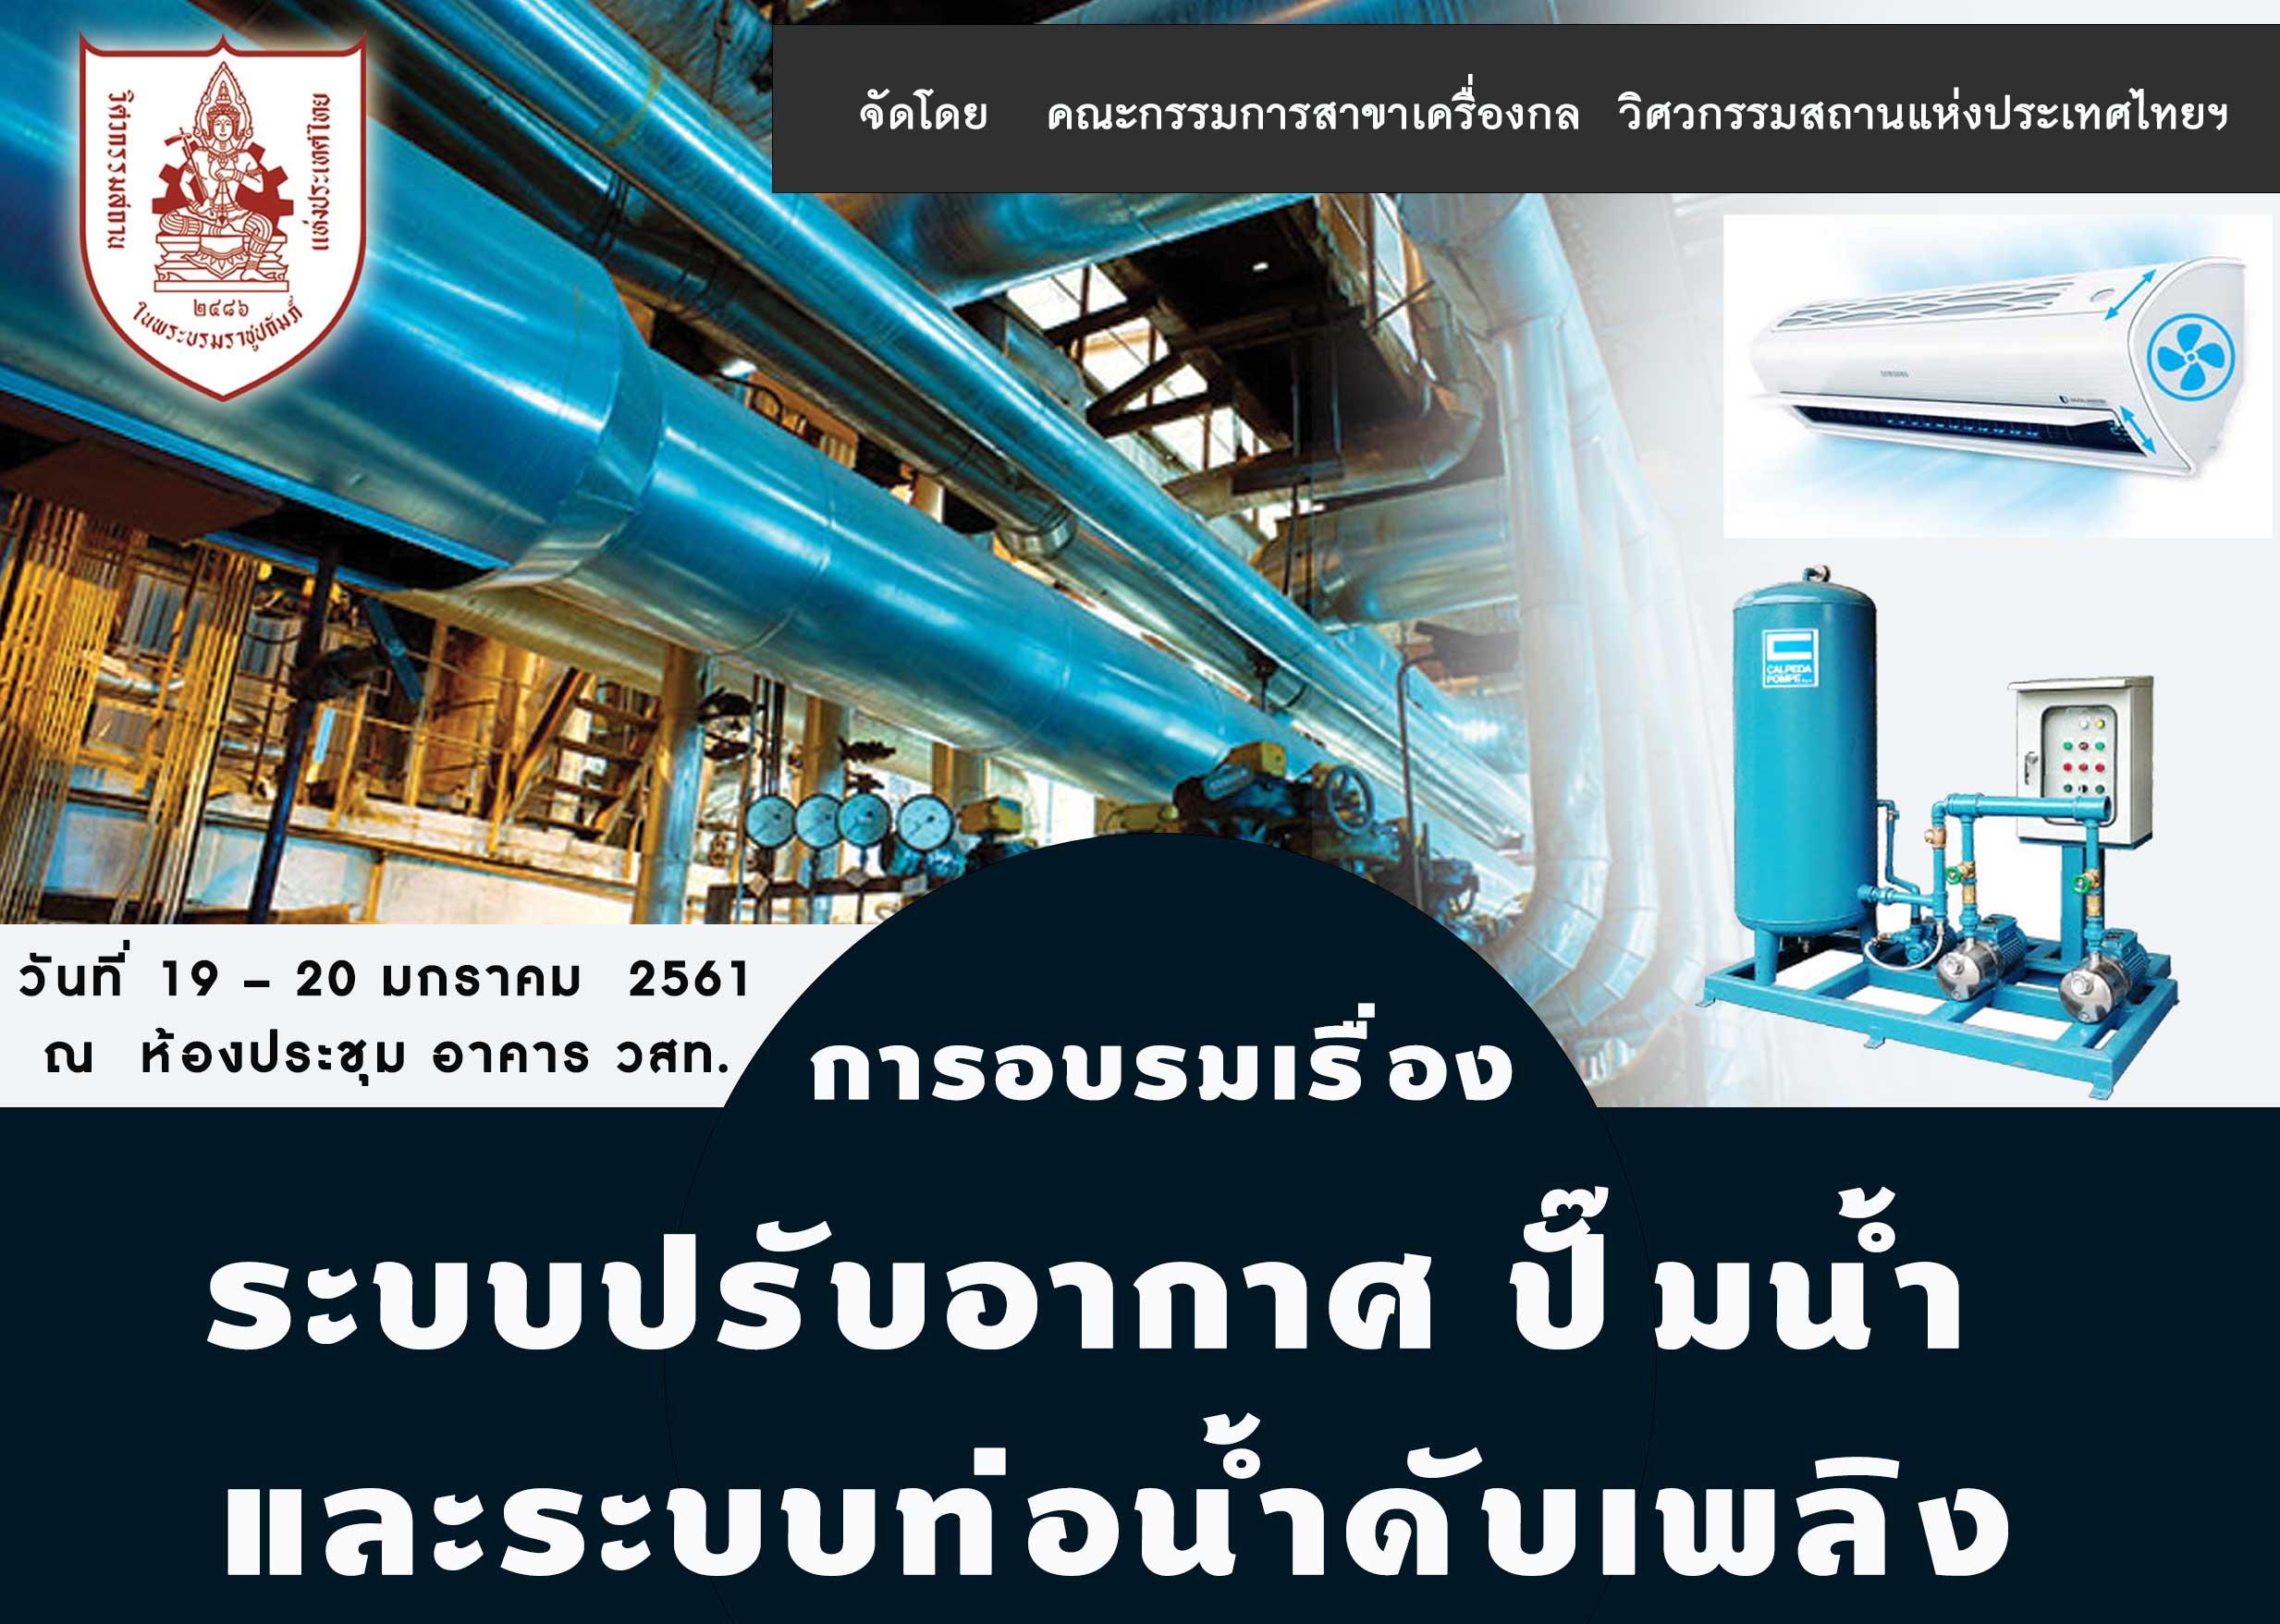 19-20/01/2018 การอบรมเรื่อง ระบบปรับอากาศ  ปั๊มน้ำ และระบบท่อน้ำดับเพลิง